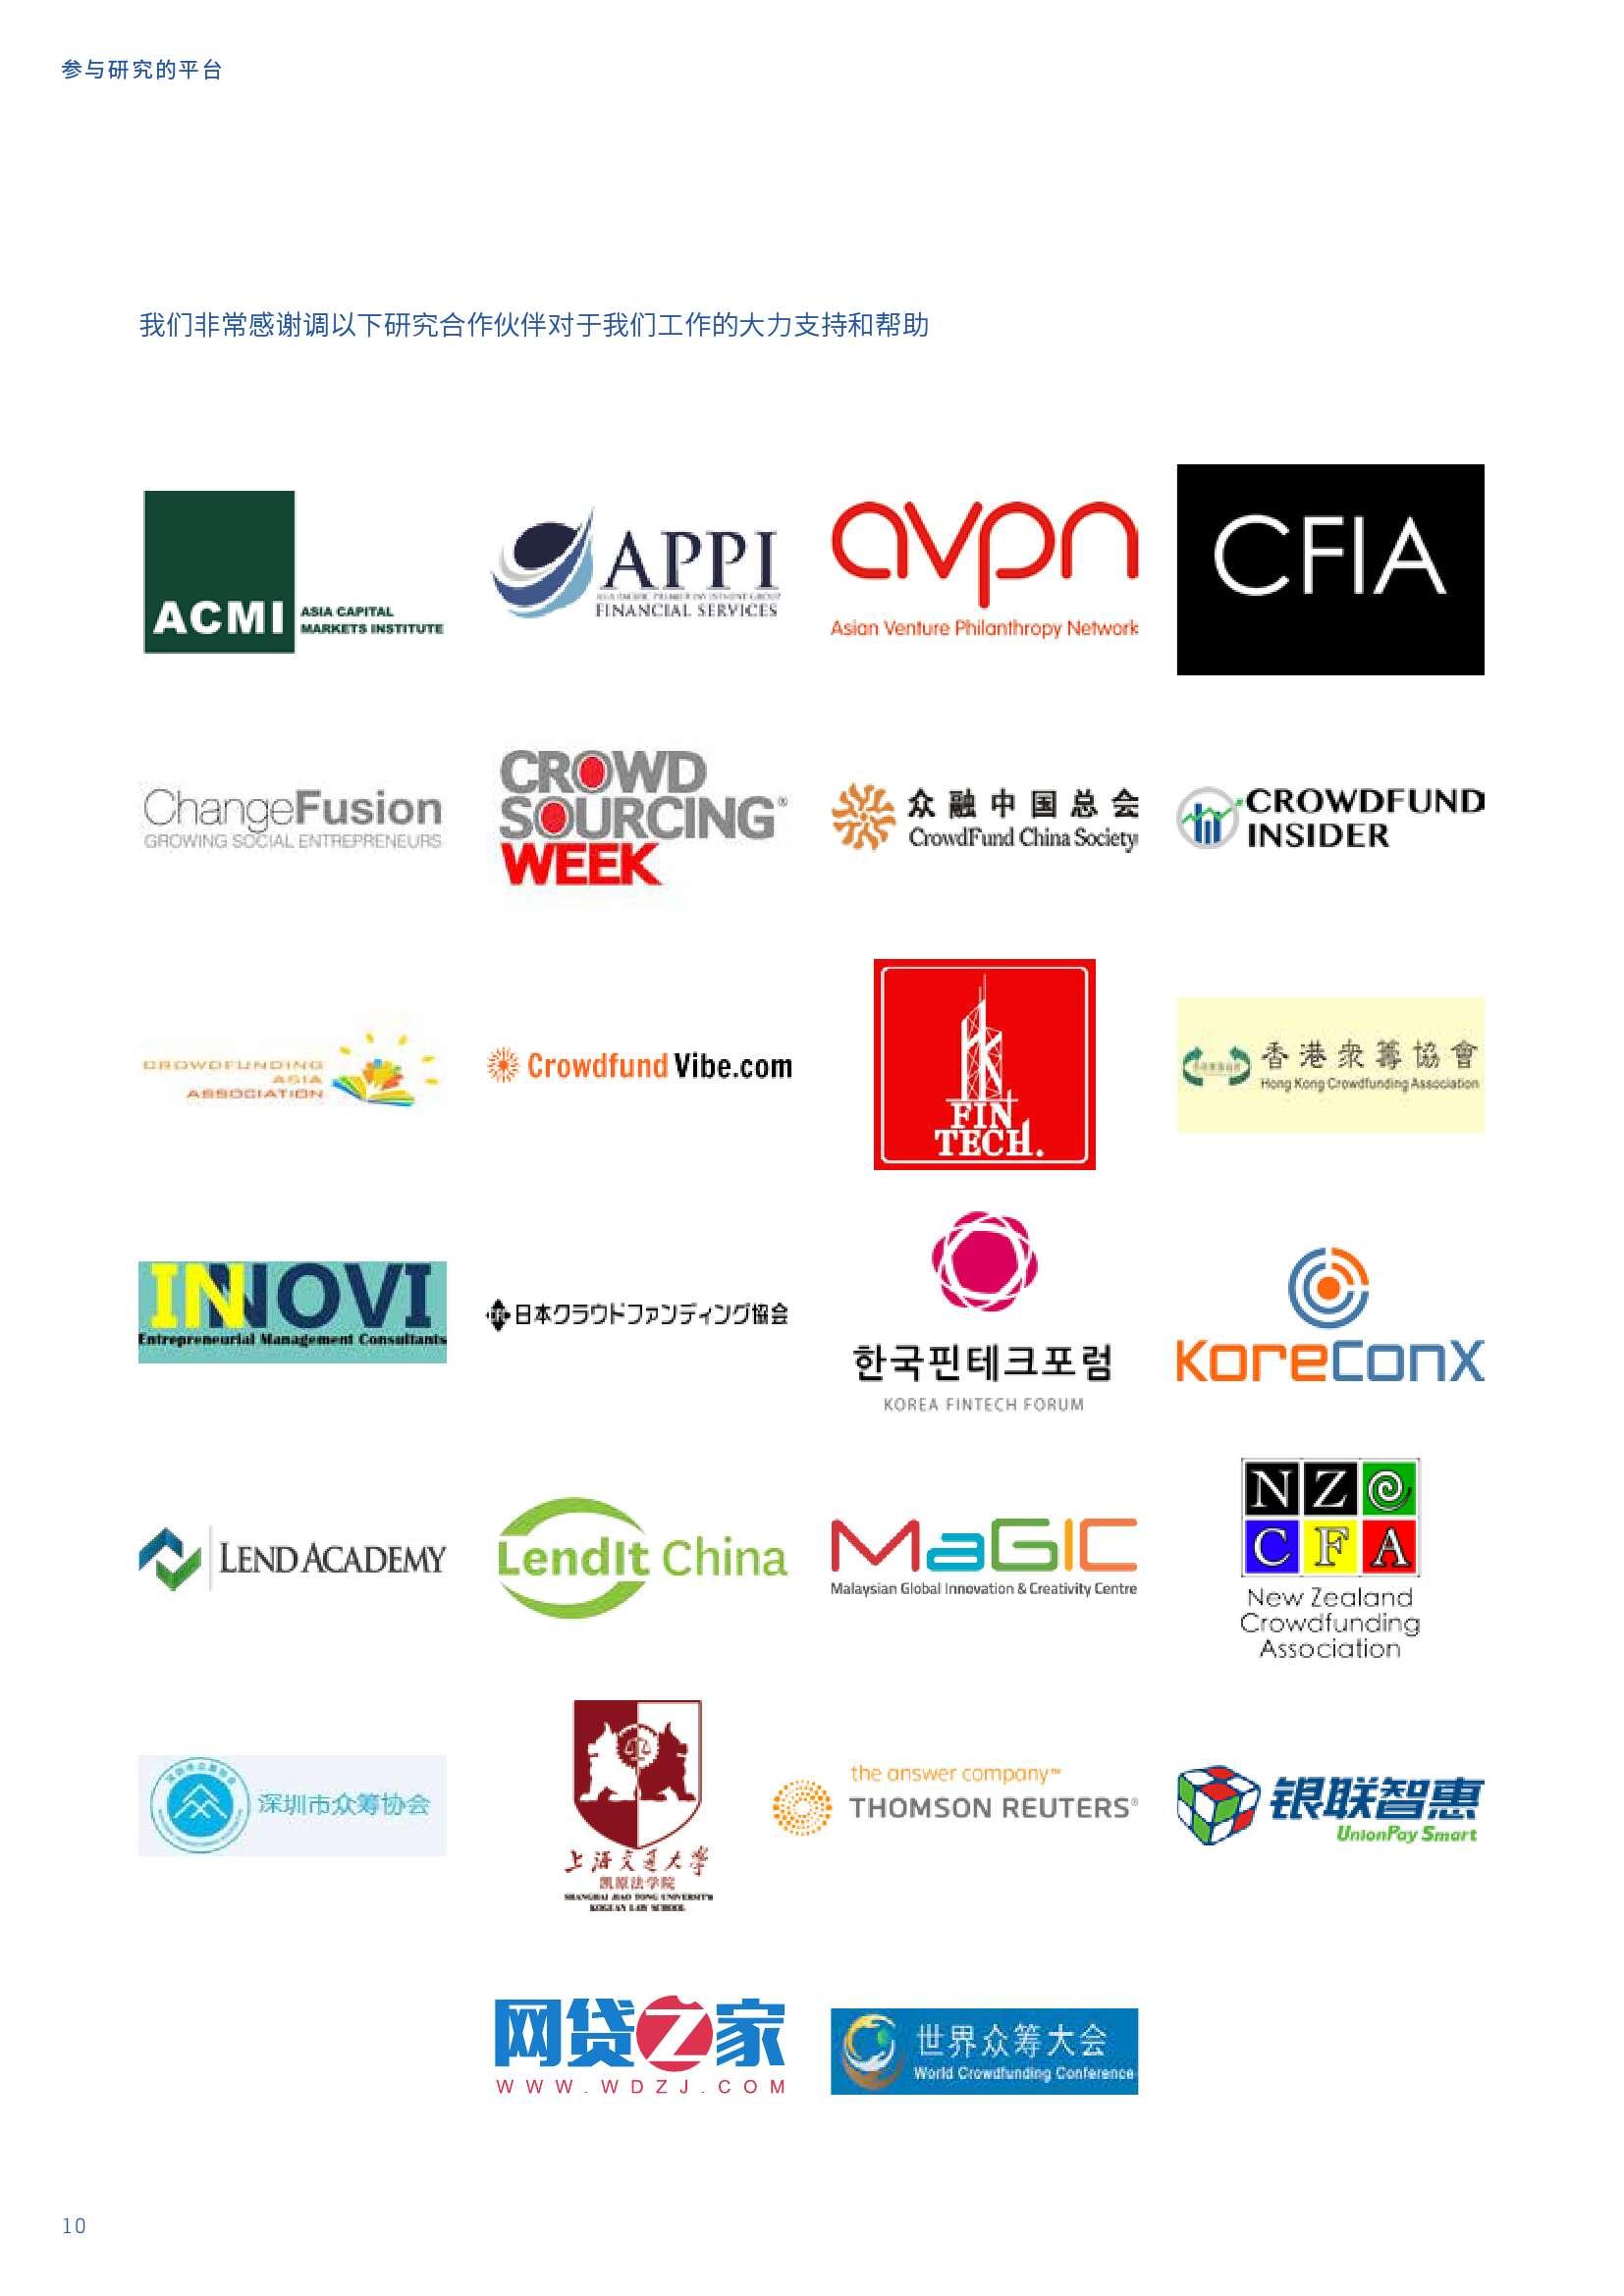 亚太地区网络替代金融基准报告_000010